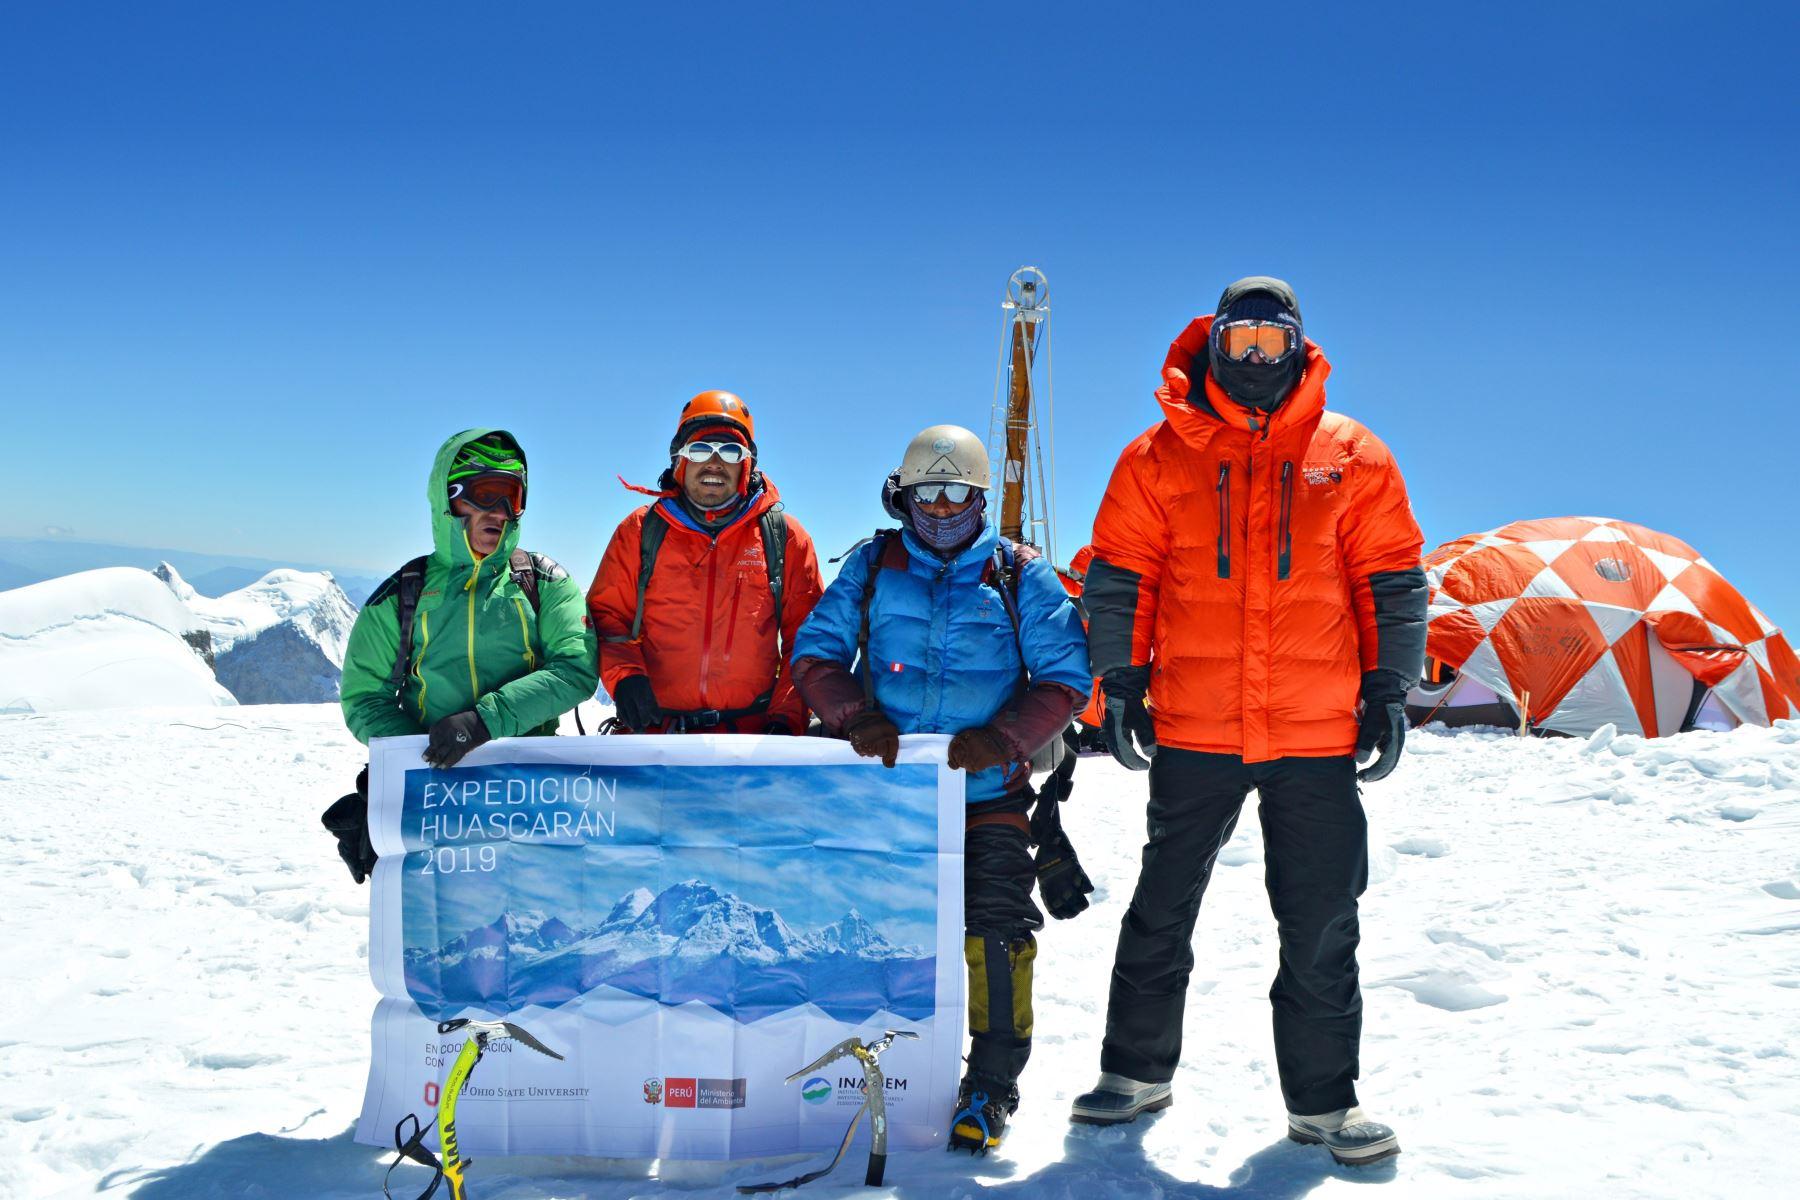 La expedición científica Huascarán 2019, integrada por peruanos y extranjeros, culminó sus labores en el nevado Huascarán, región Áncash. Foto: ANDINA/Difusión